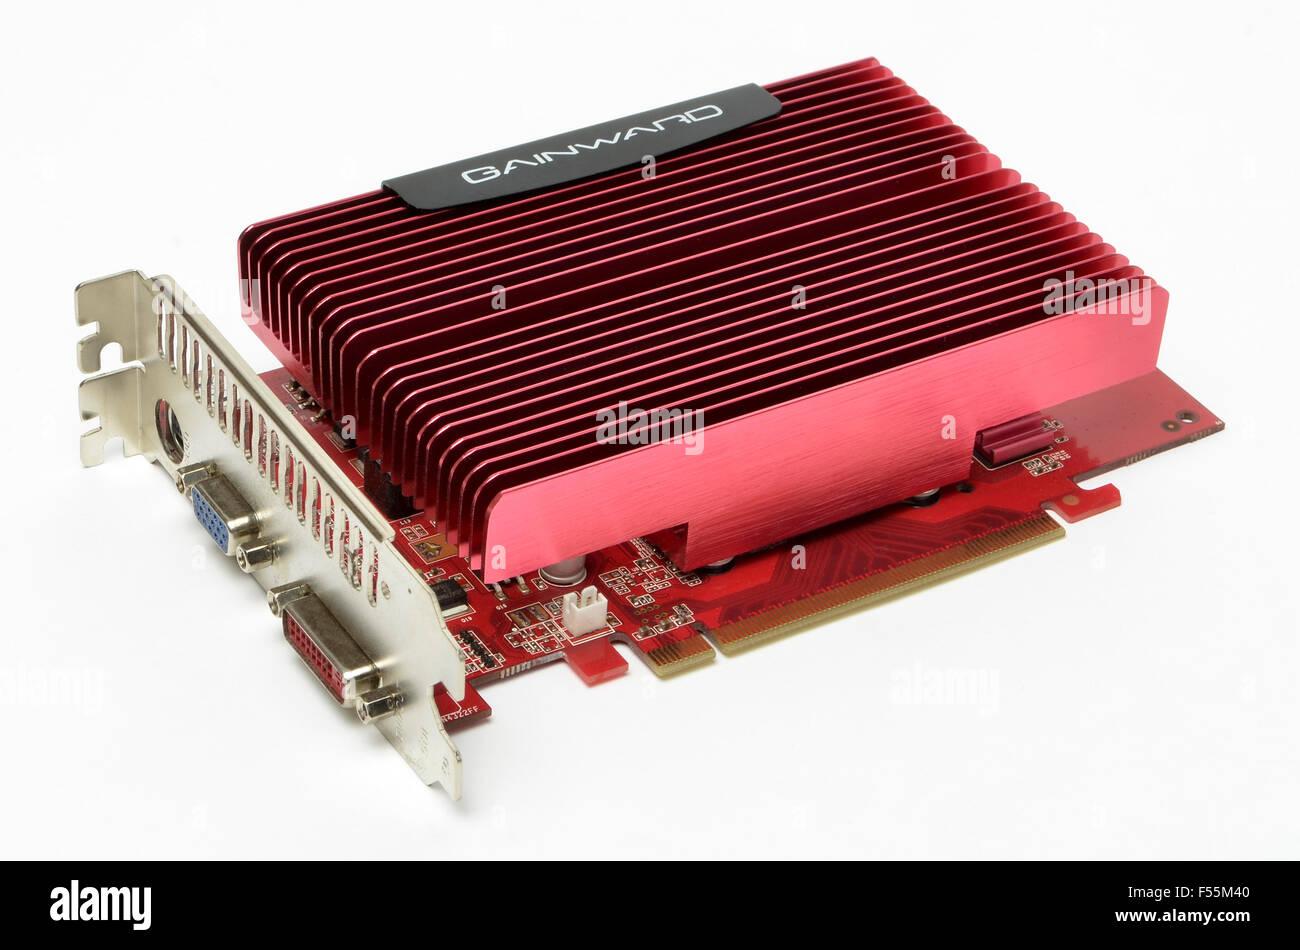 Gainward NVidia GeForce leise Grafikkarte auf einem weißen Hintergrund. Stockbild